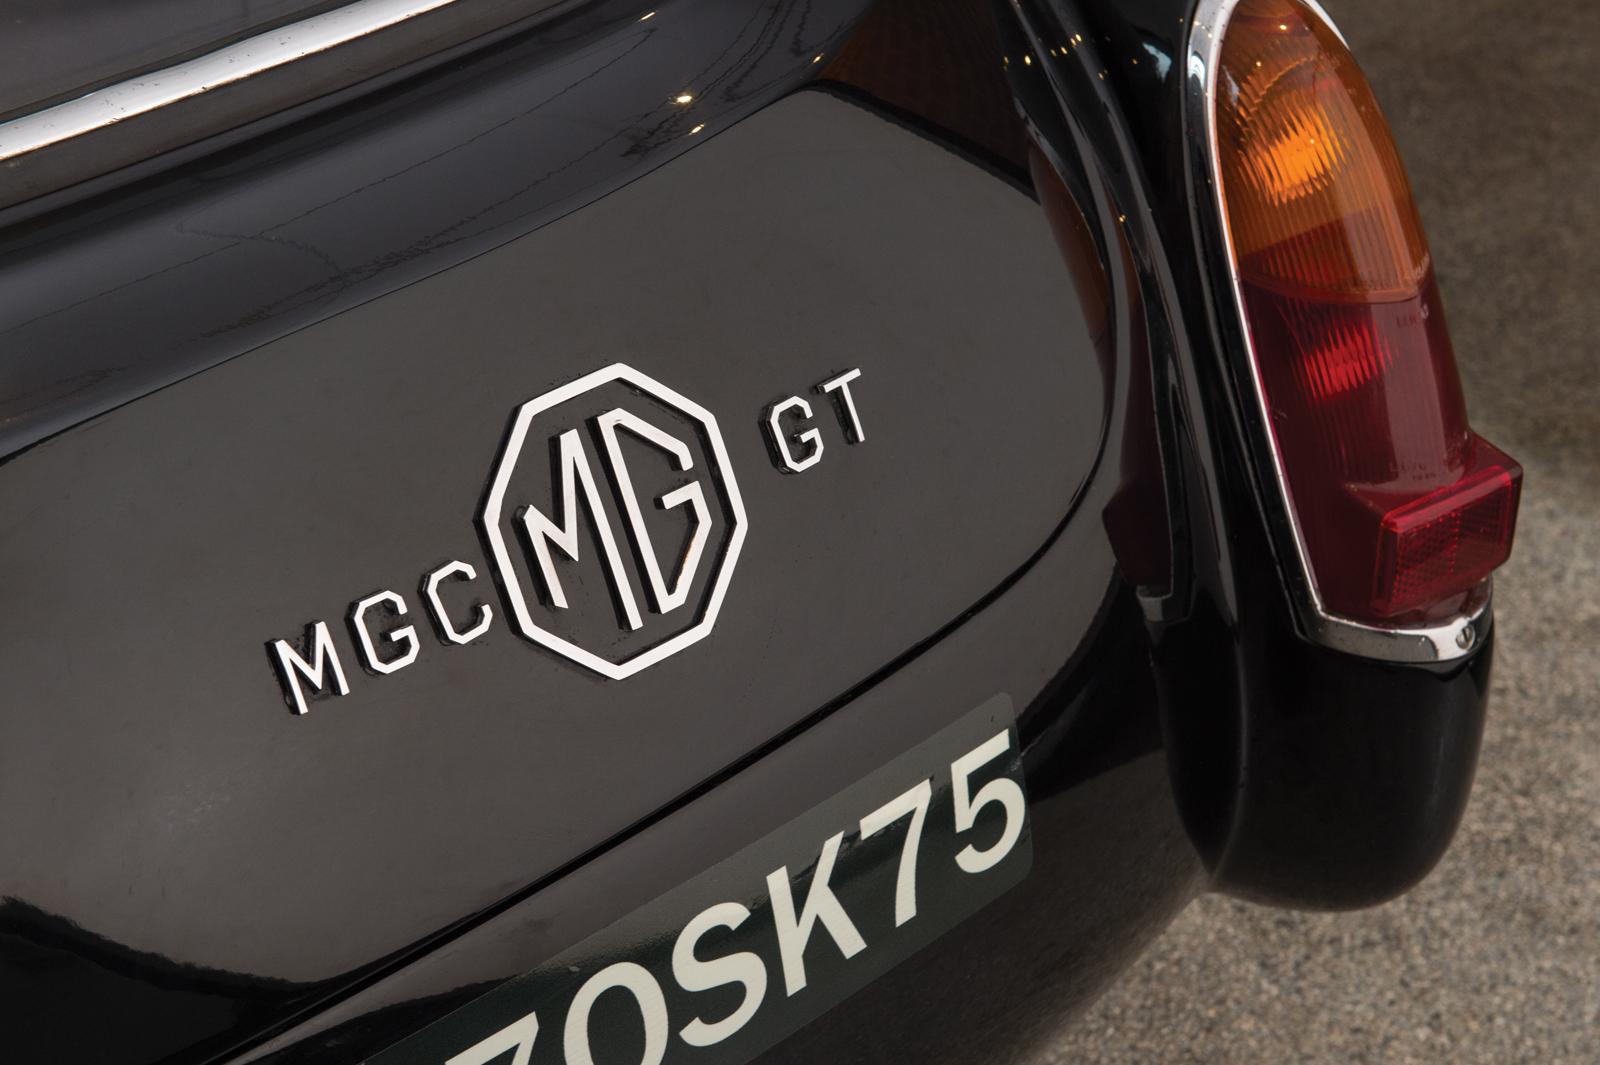 MC16_r225_006.jpg